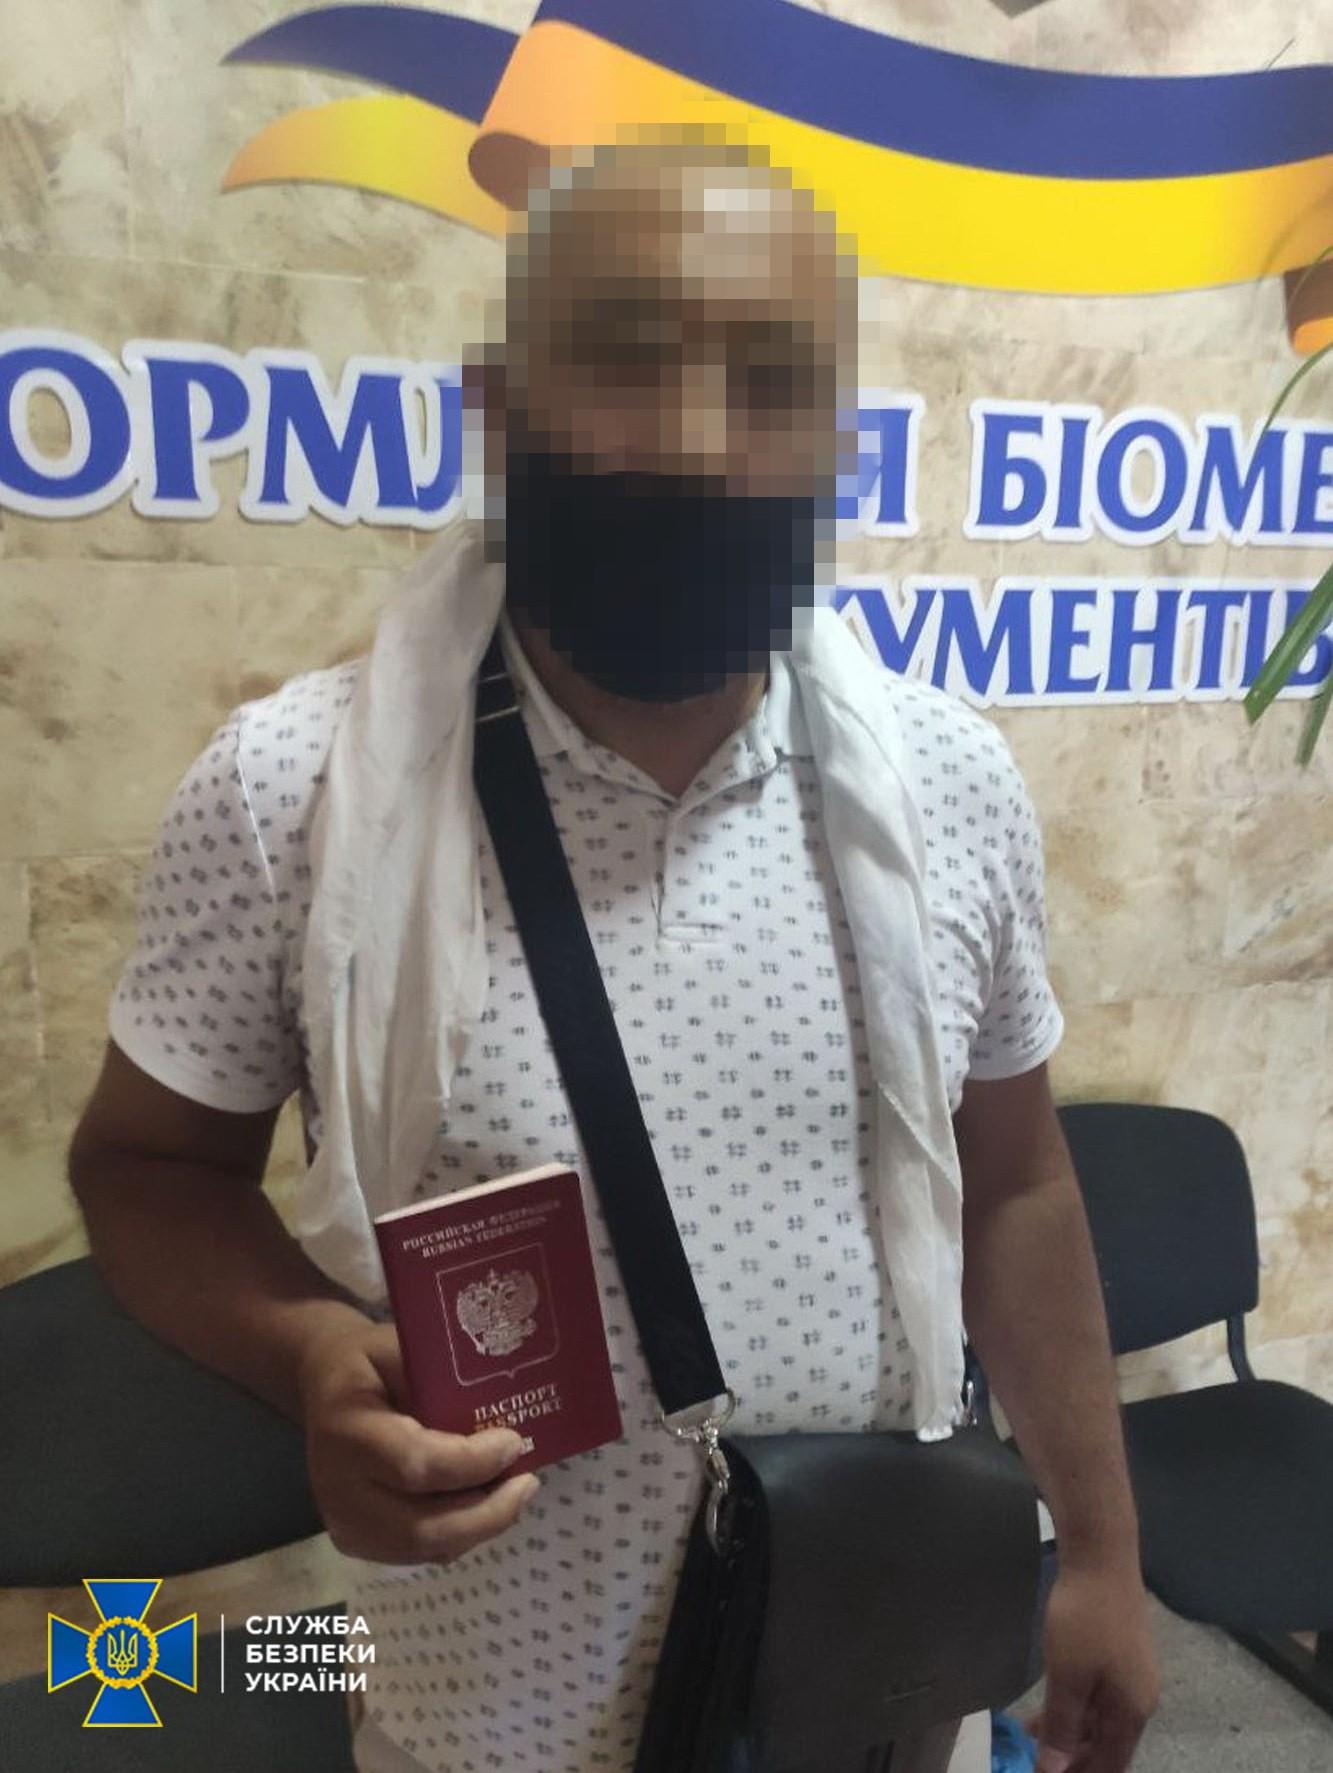 СБУ задержала террориста, находившегося в международном розыске: присутствует российский след - фото 2